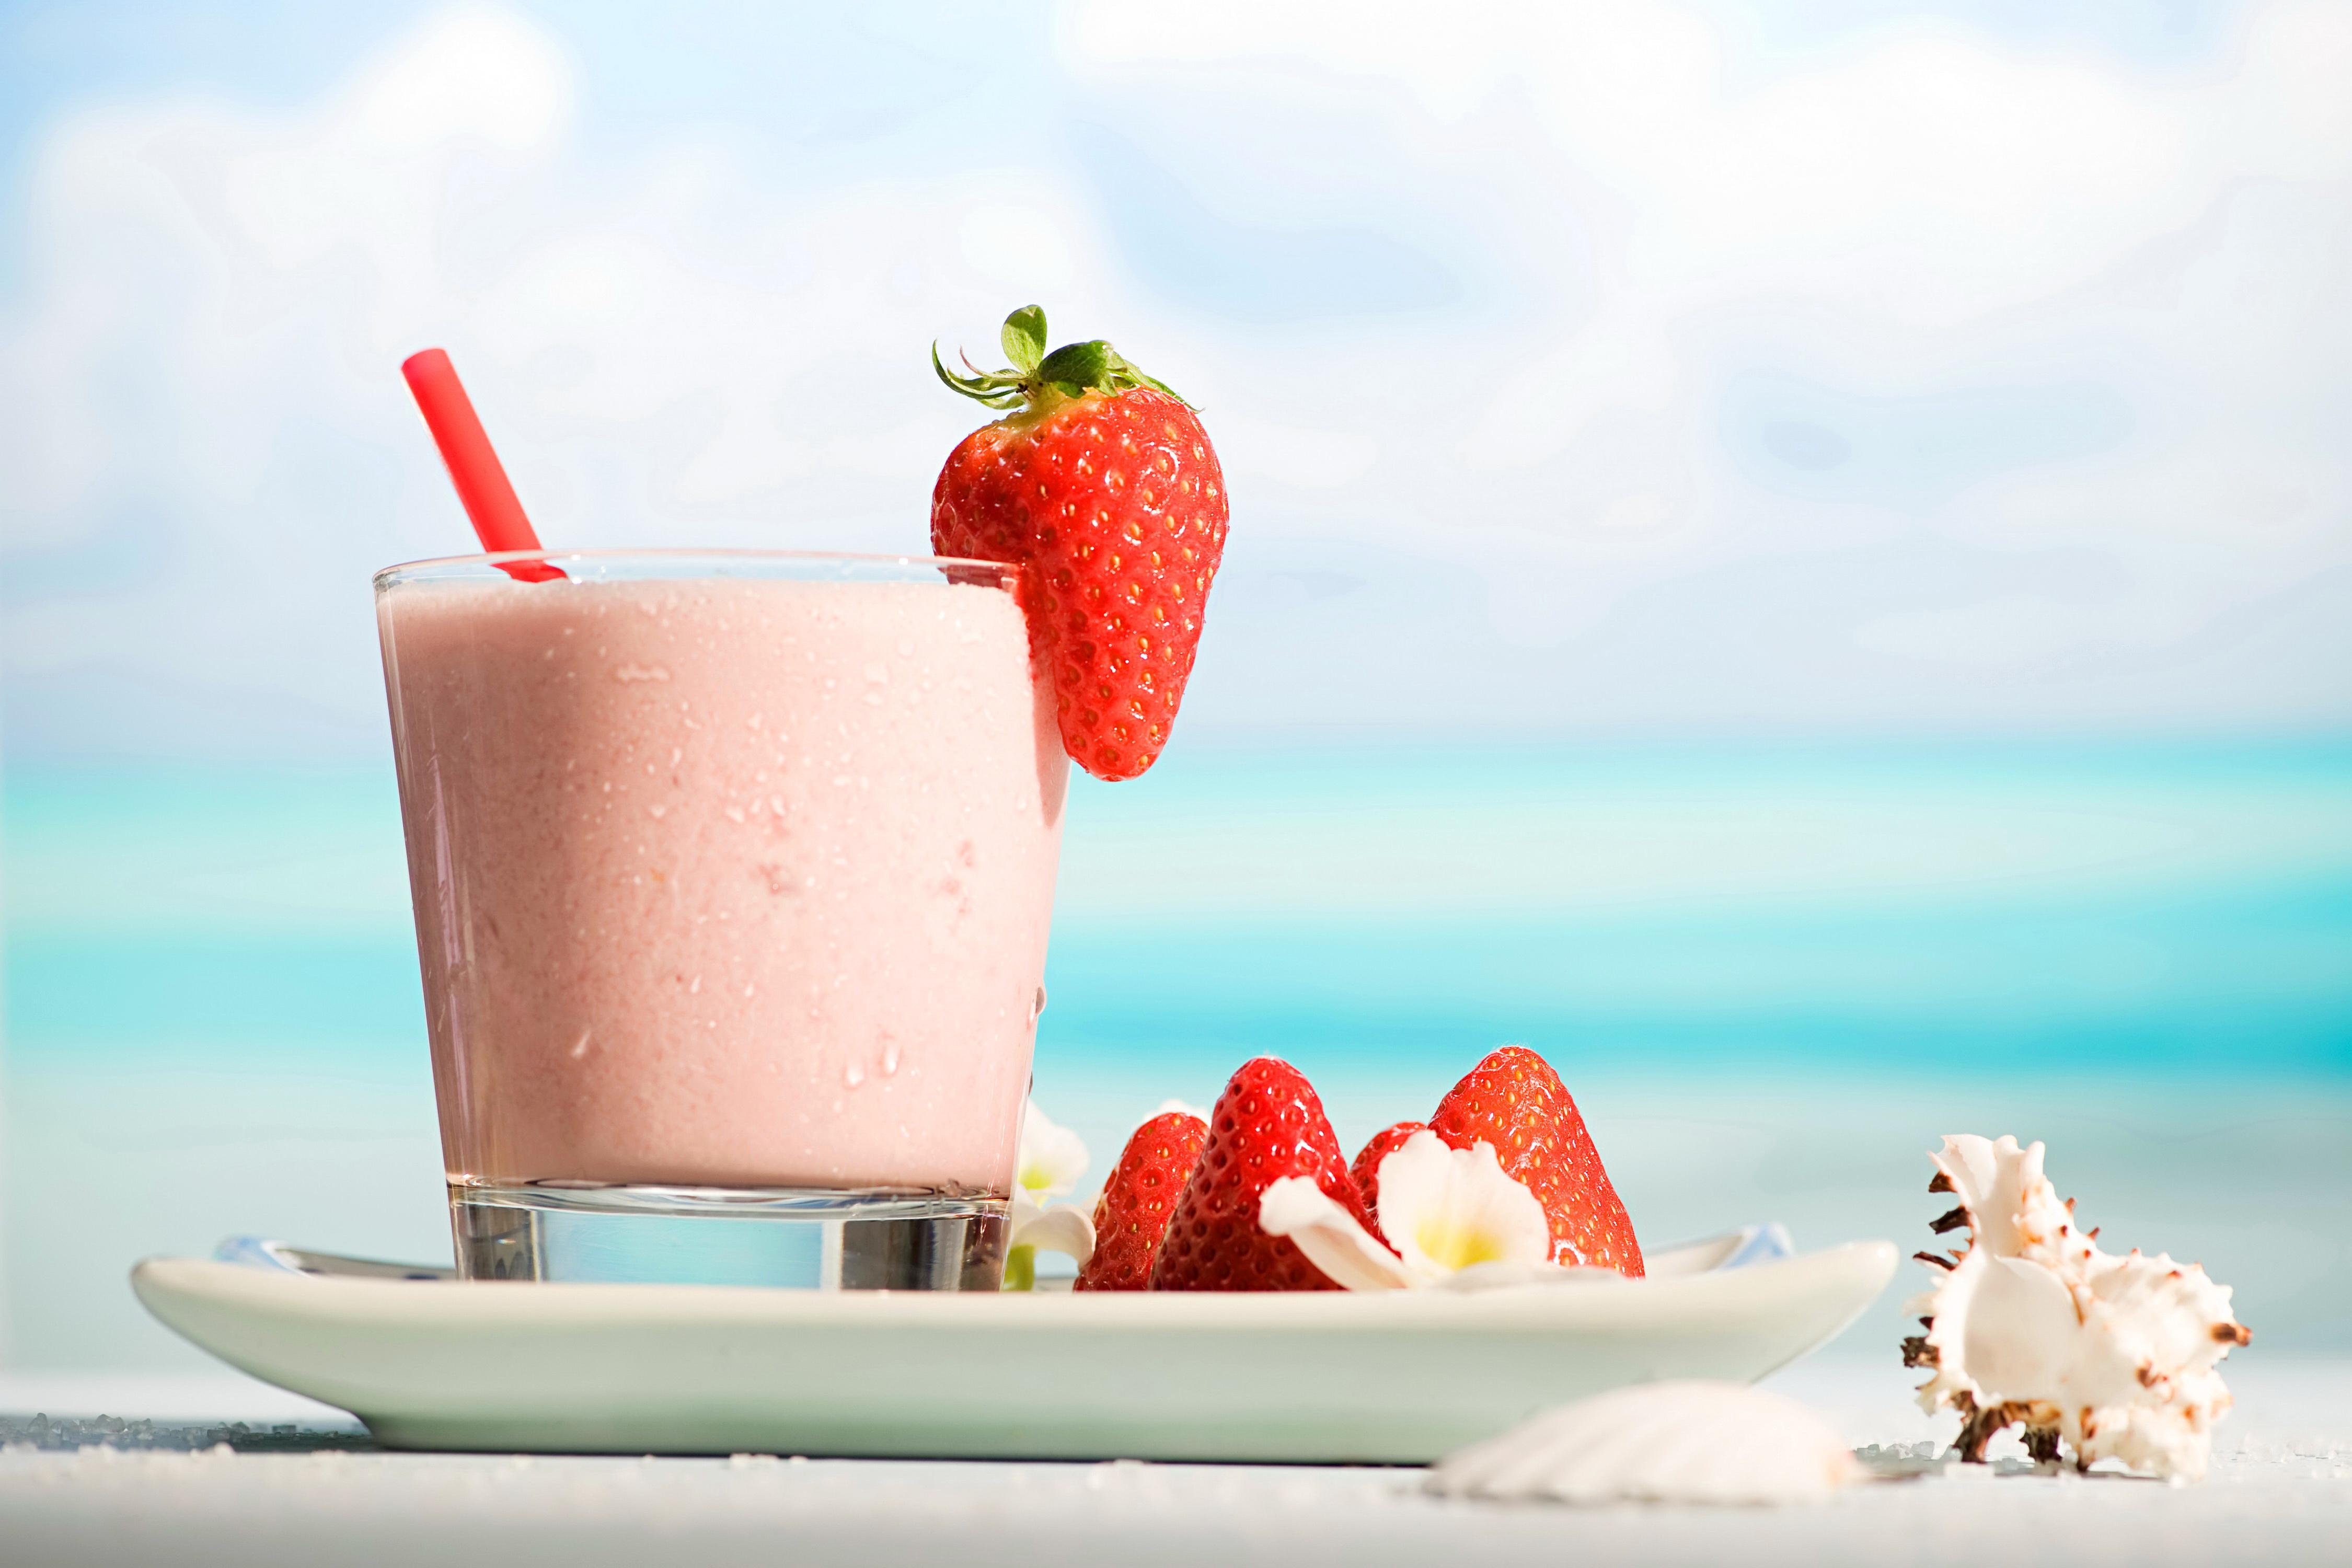 еда коктейль клубничный food cocktail strawberry скачать